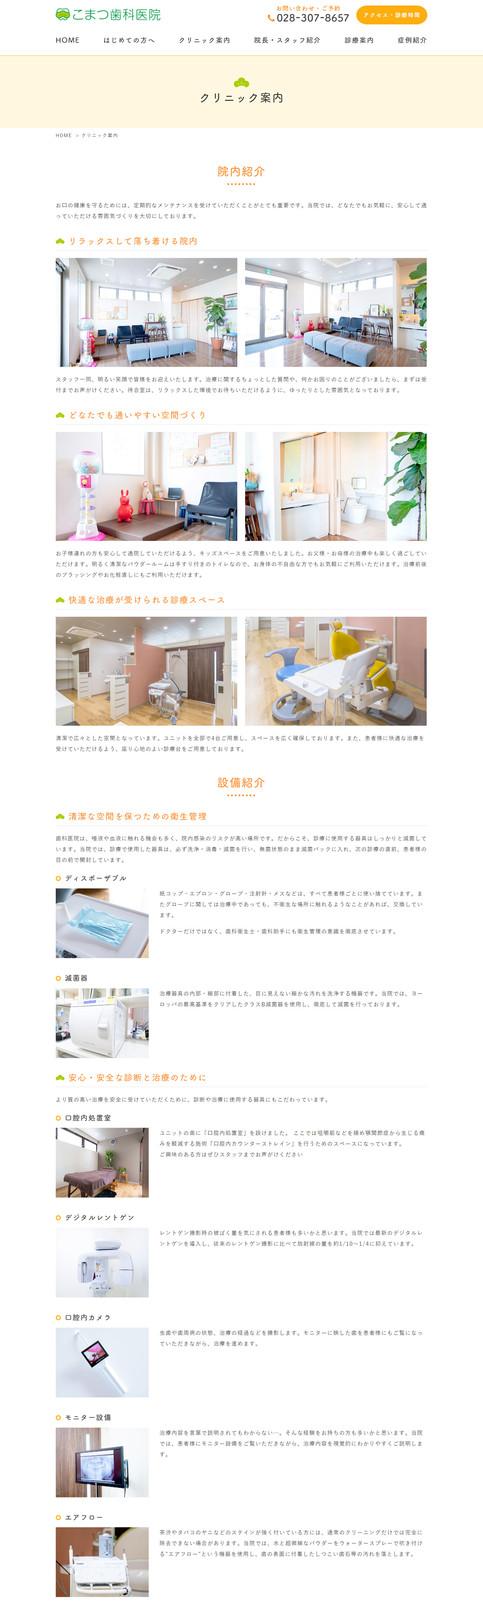 screencapture-komatsu-shika-info-facilit